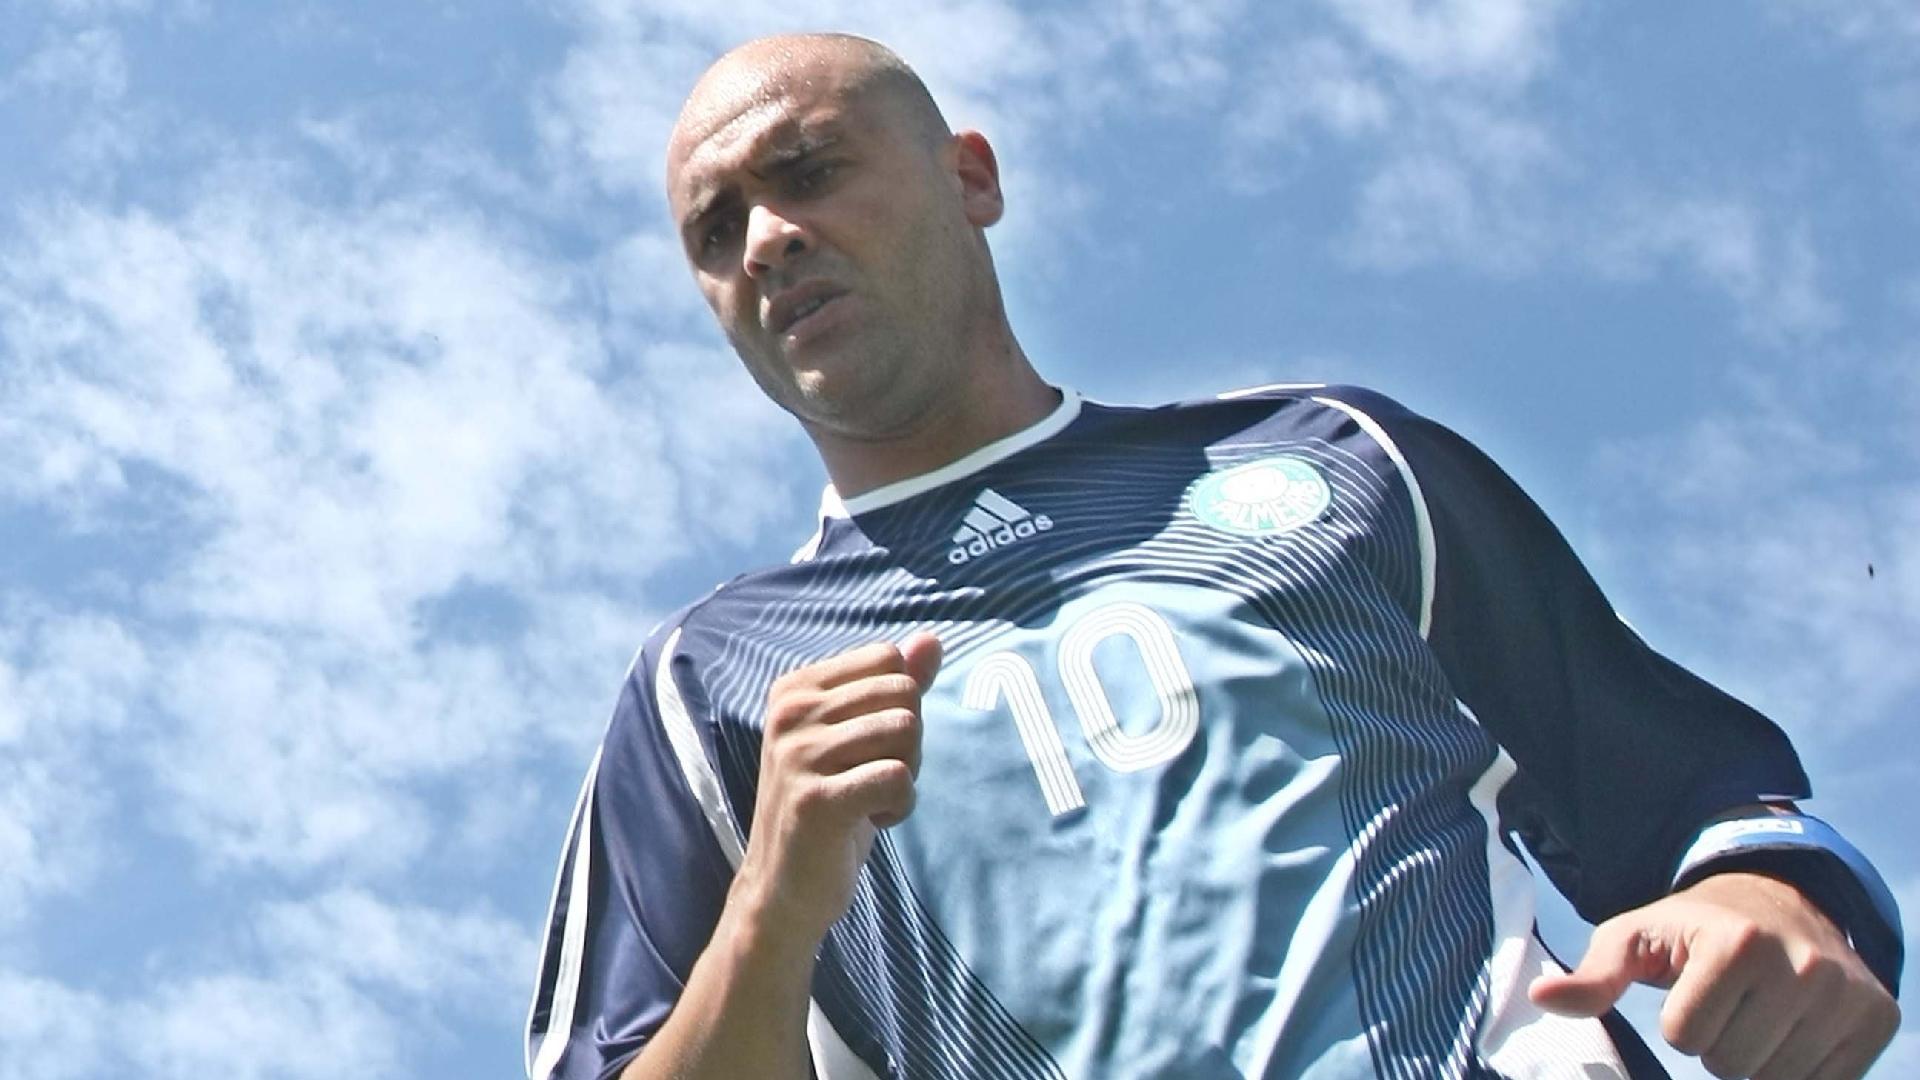 Marcos, goleiro do Palmeiras, durante treino em Atibaia (SP) 15.10.2008